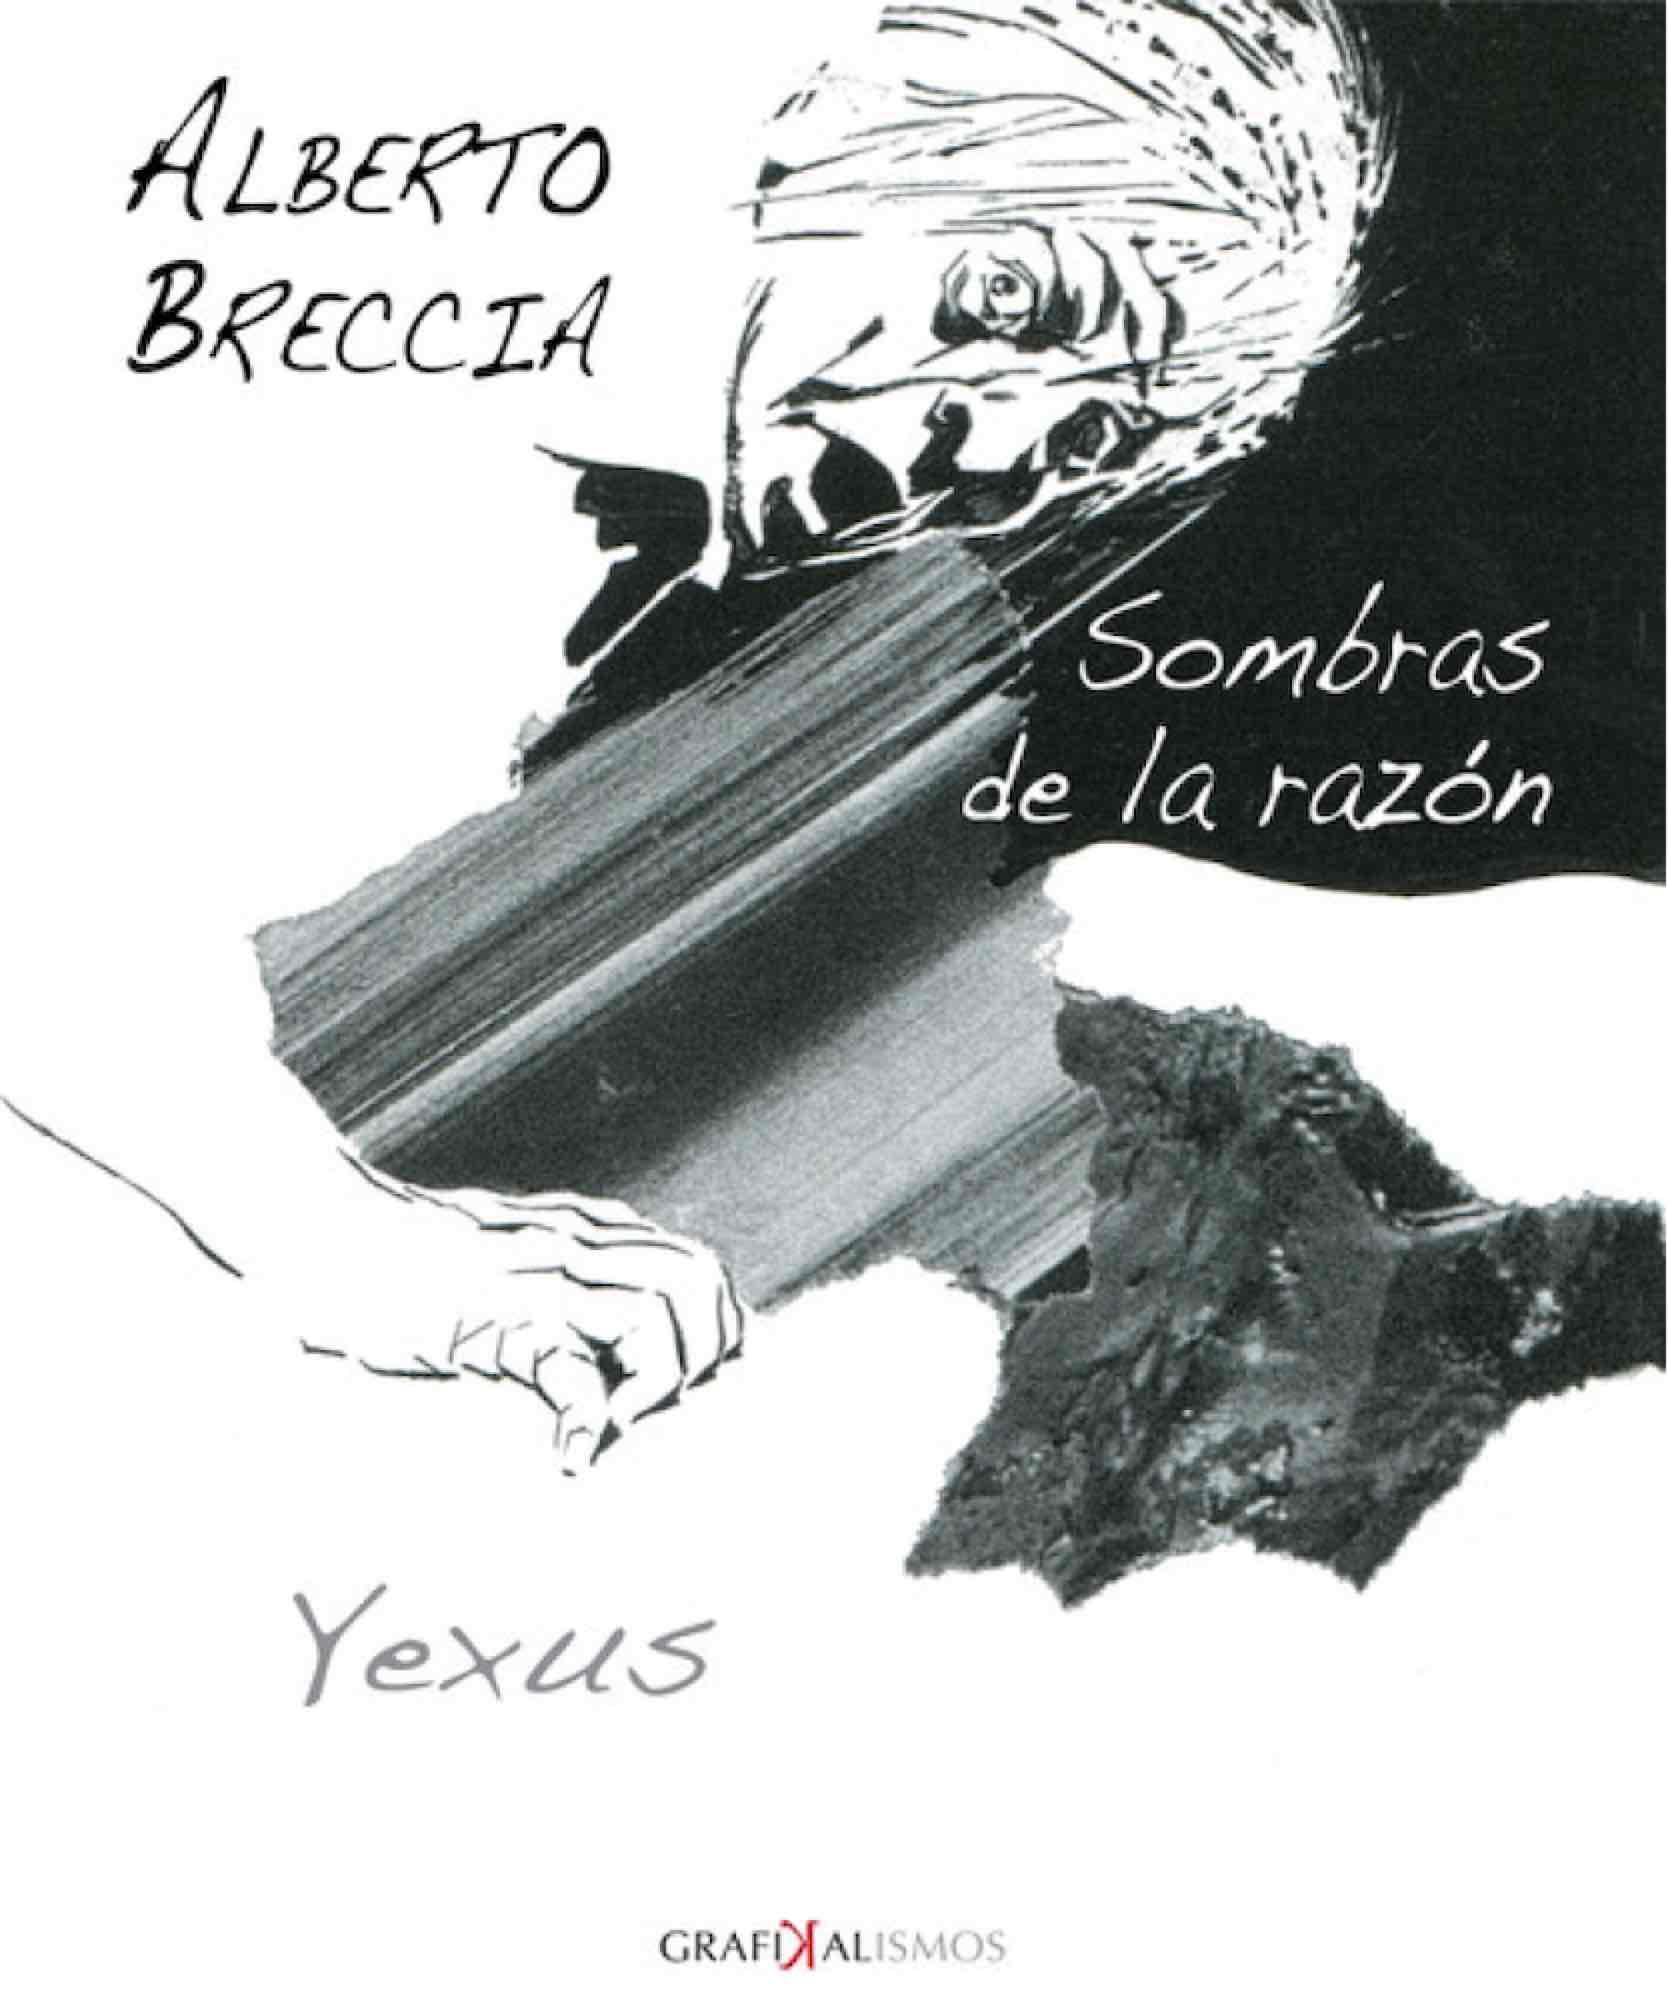 ALBERTO BRECCIA SOMBRAS DE LA RAZON